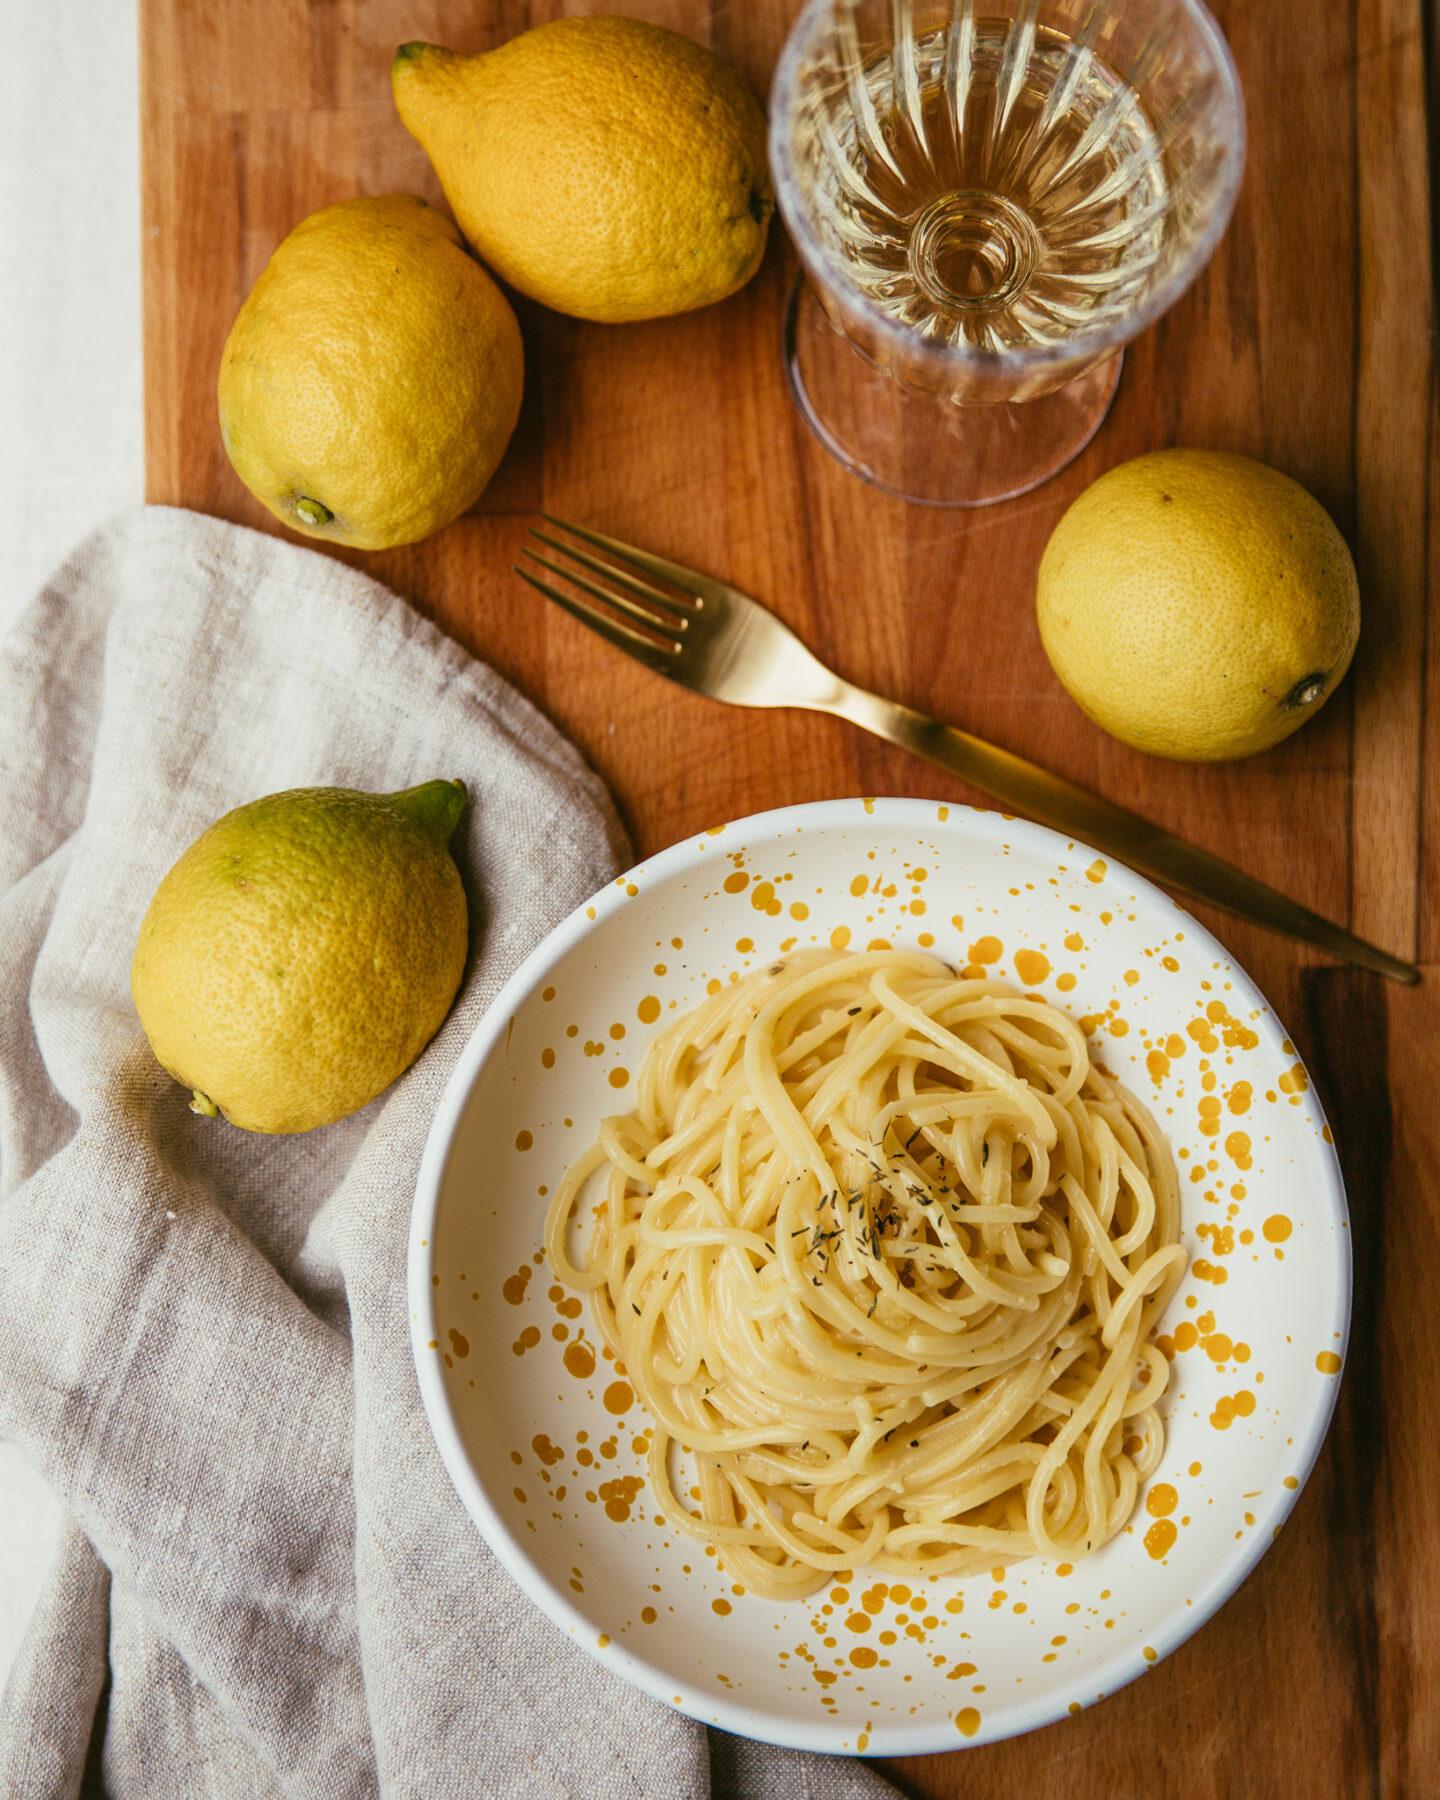 spaghetti au citron recette